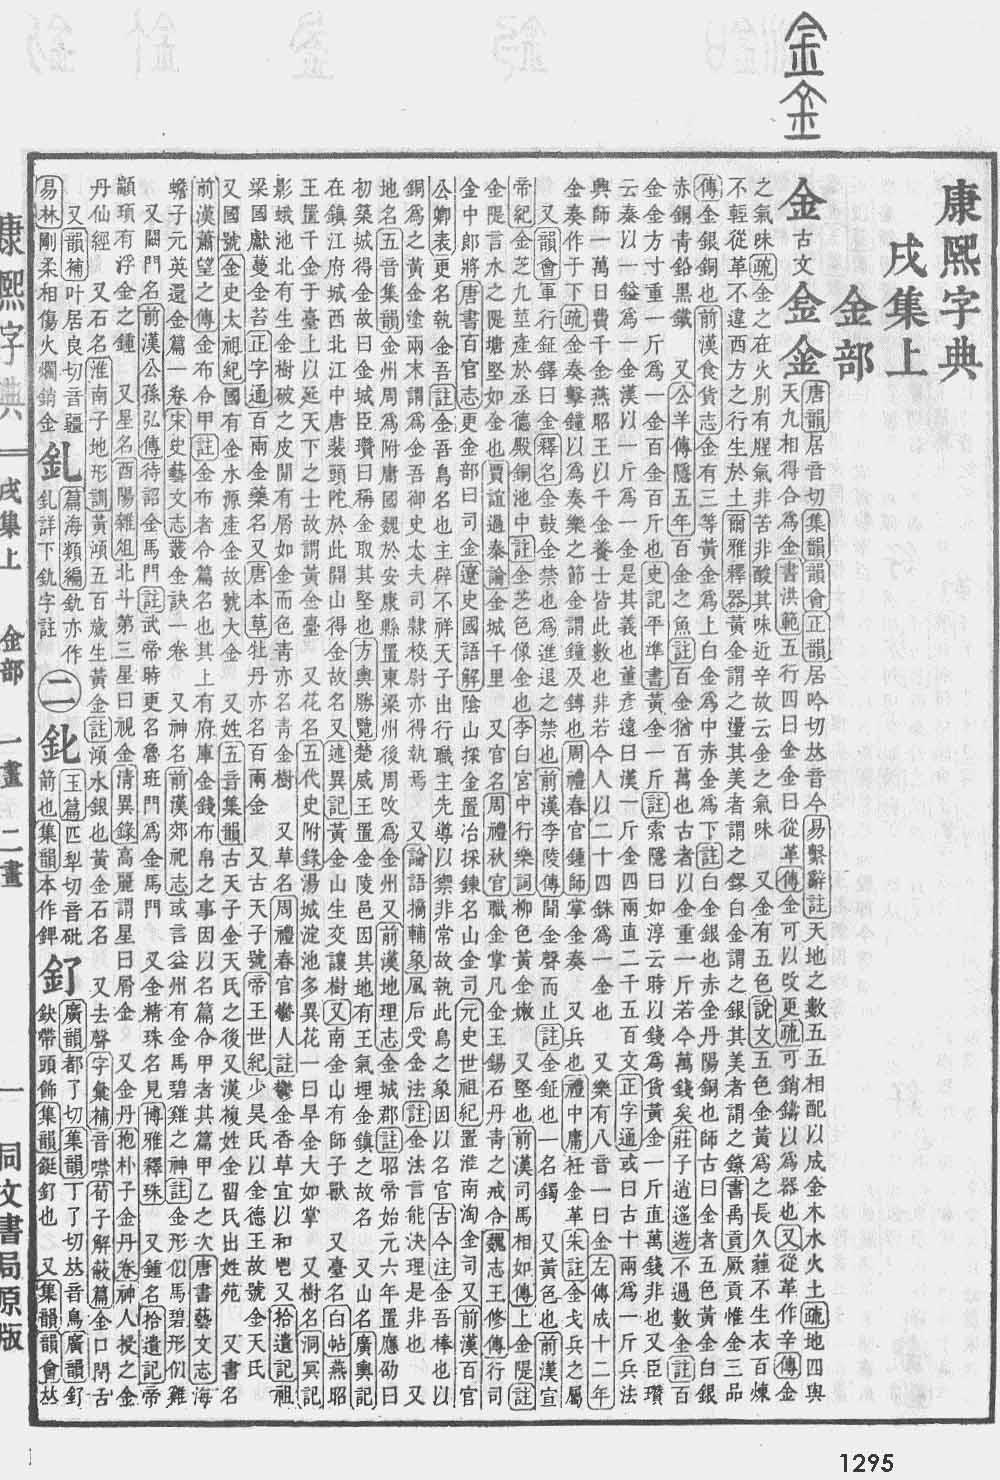 《康熙字典》第1295页